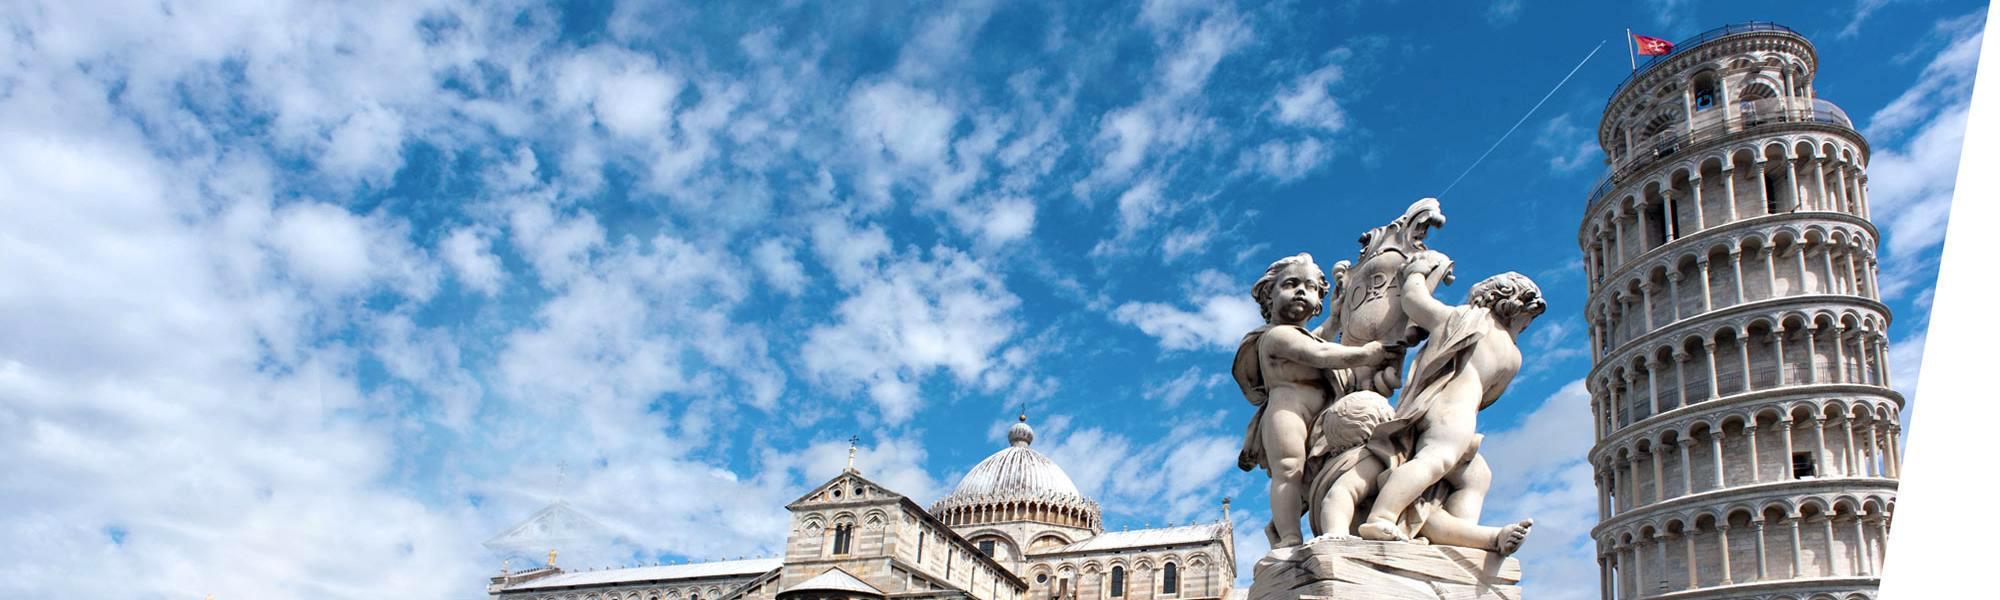 Cattedrale, Fontana dei Putti e Torre pendente di Pisa